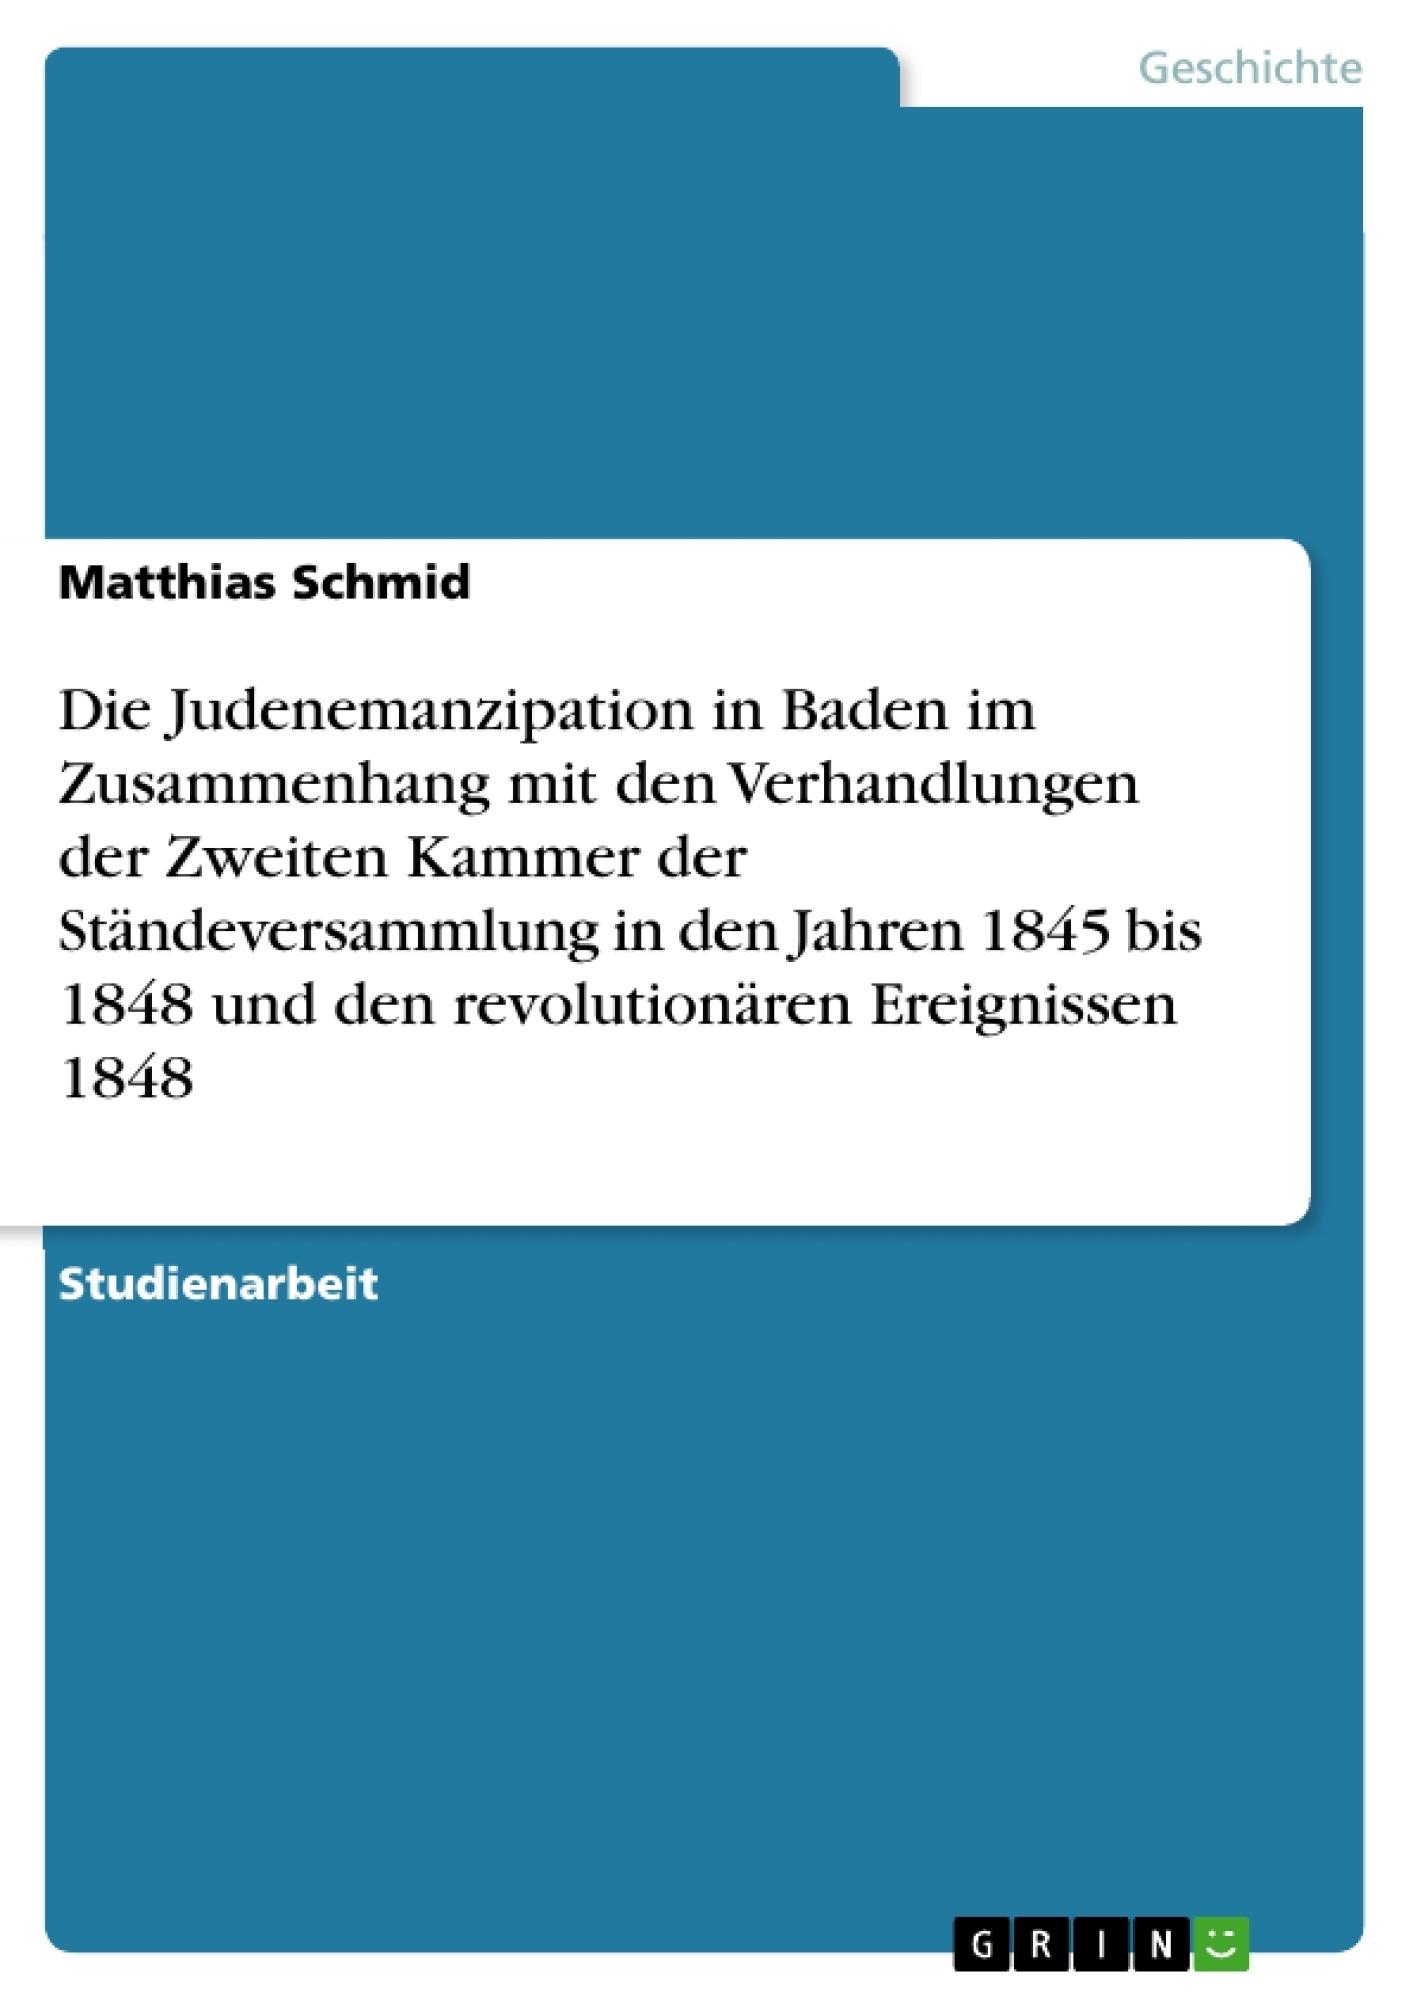 Titel: Die Judenemanzipation in Baden im Zusammenhang mit den Verhandlungen der Zweiten Kammer der Ständeversammlung in den Jahren 1845 bis 1848 und den revolutionären Ereignissen 1848